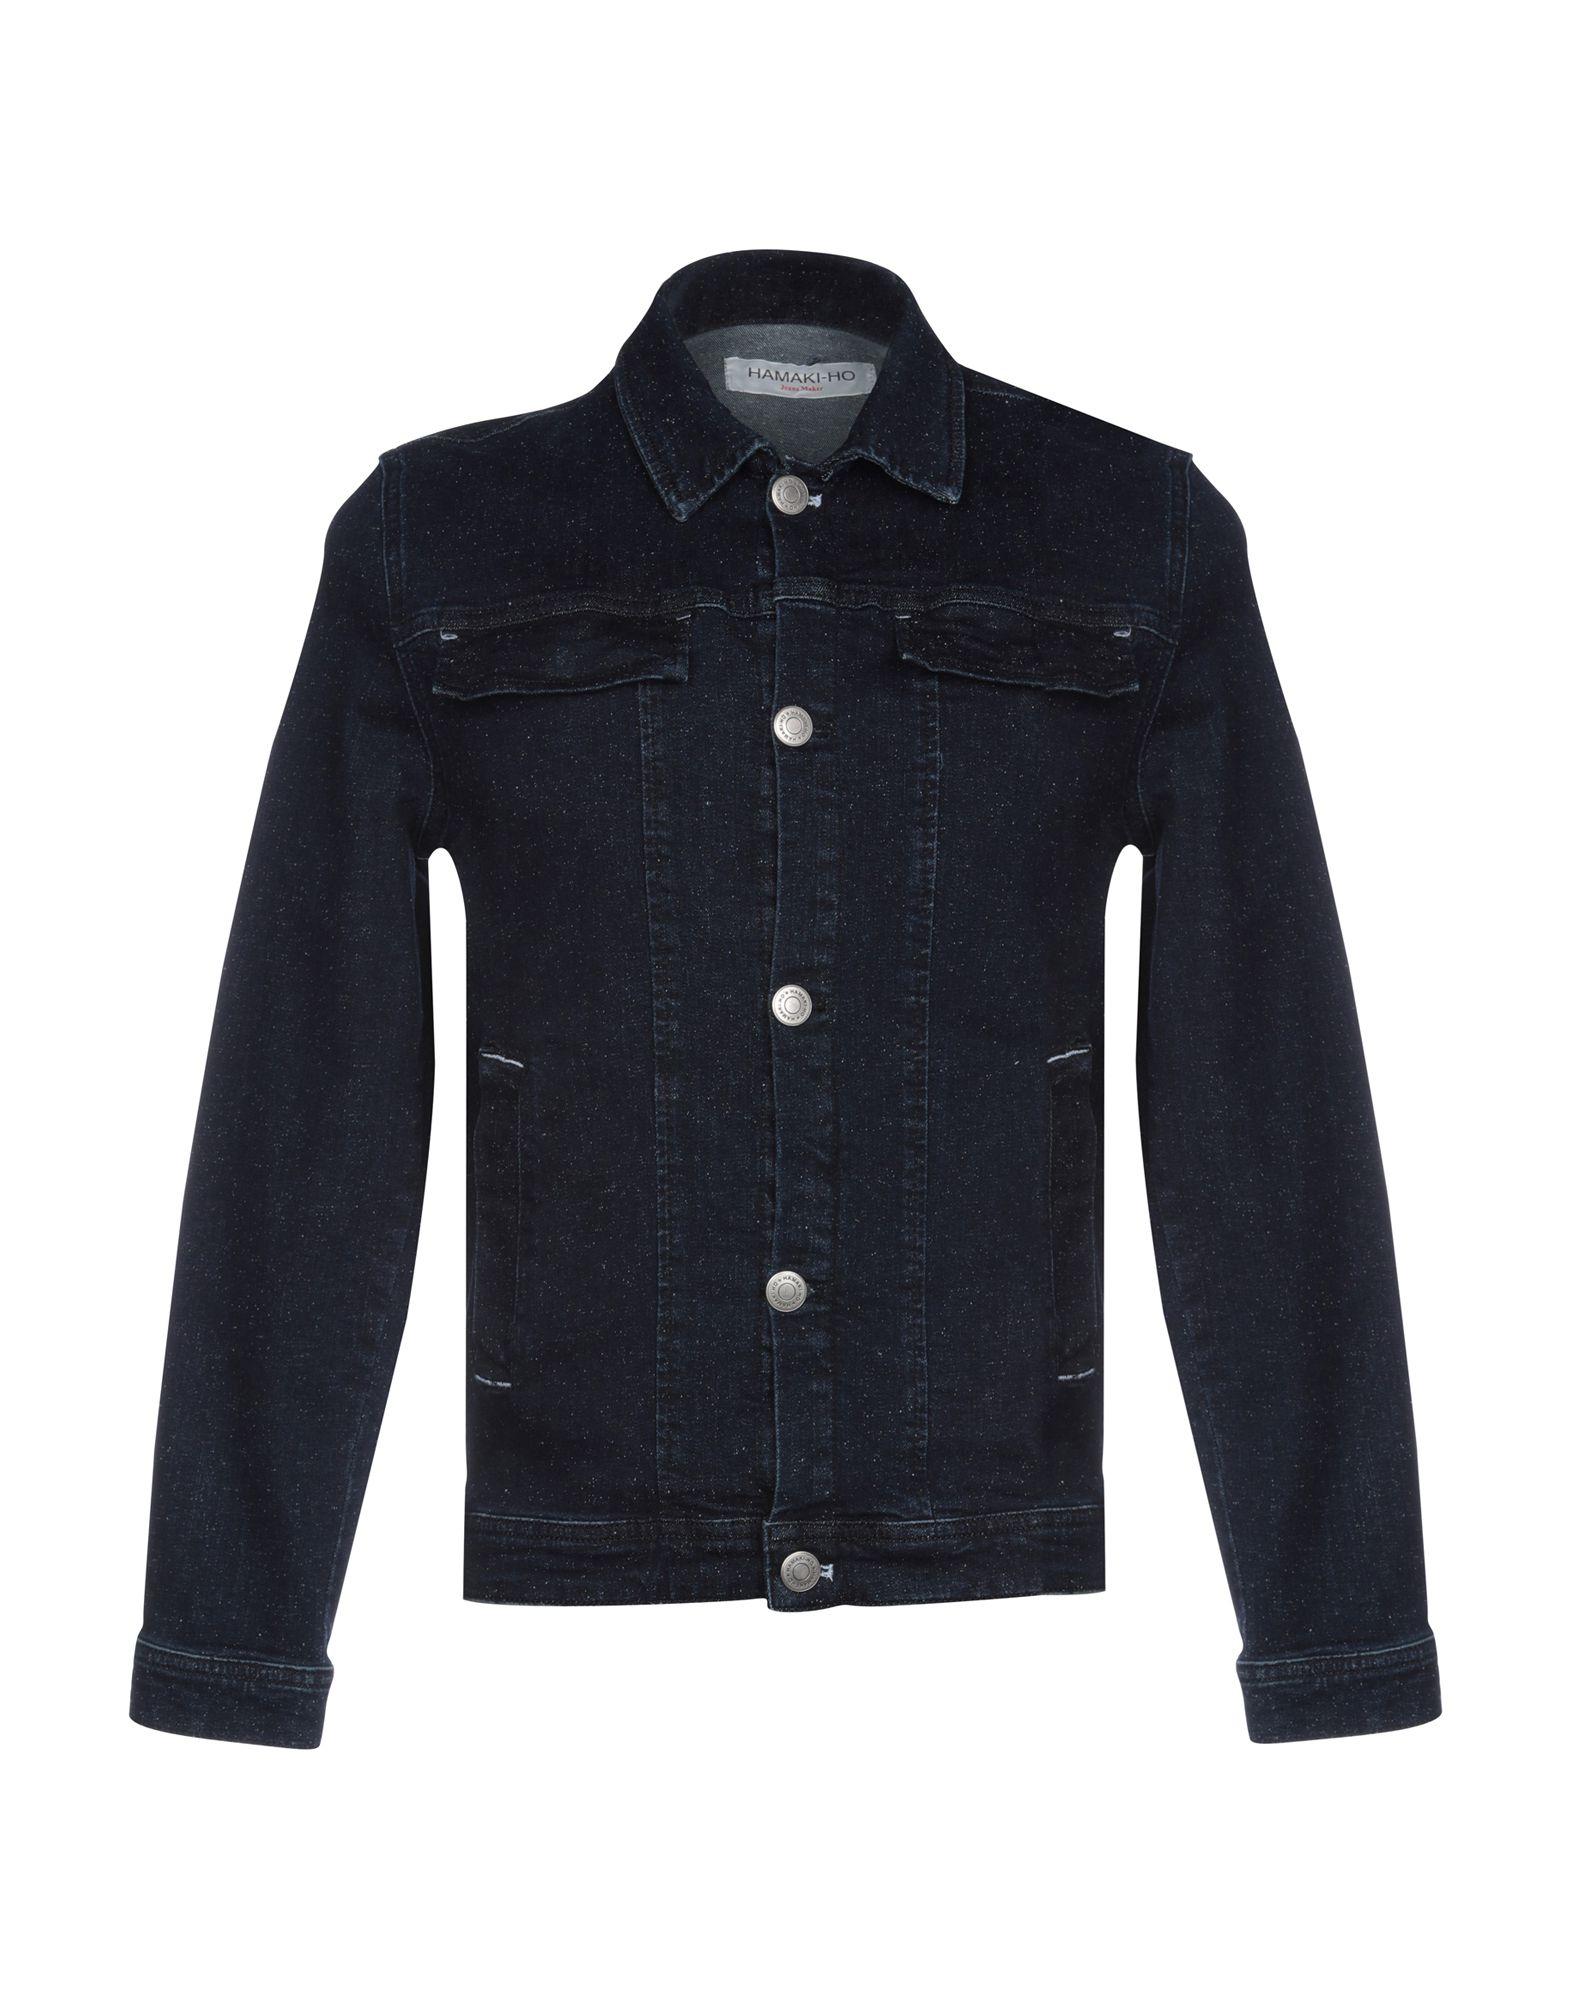 HAMAKI-HO Джинсовая верхняя одежда брендовая одежда